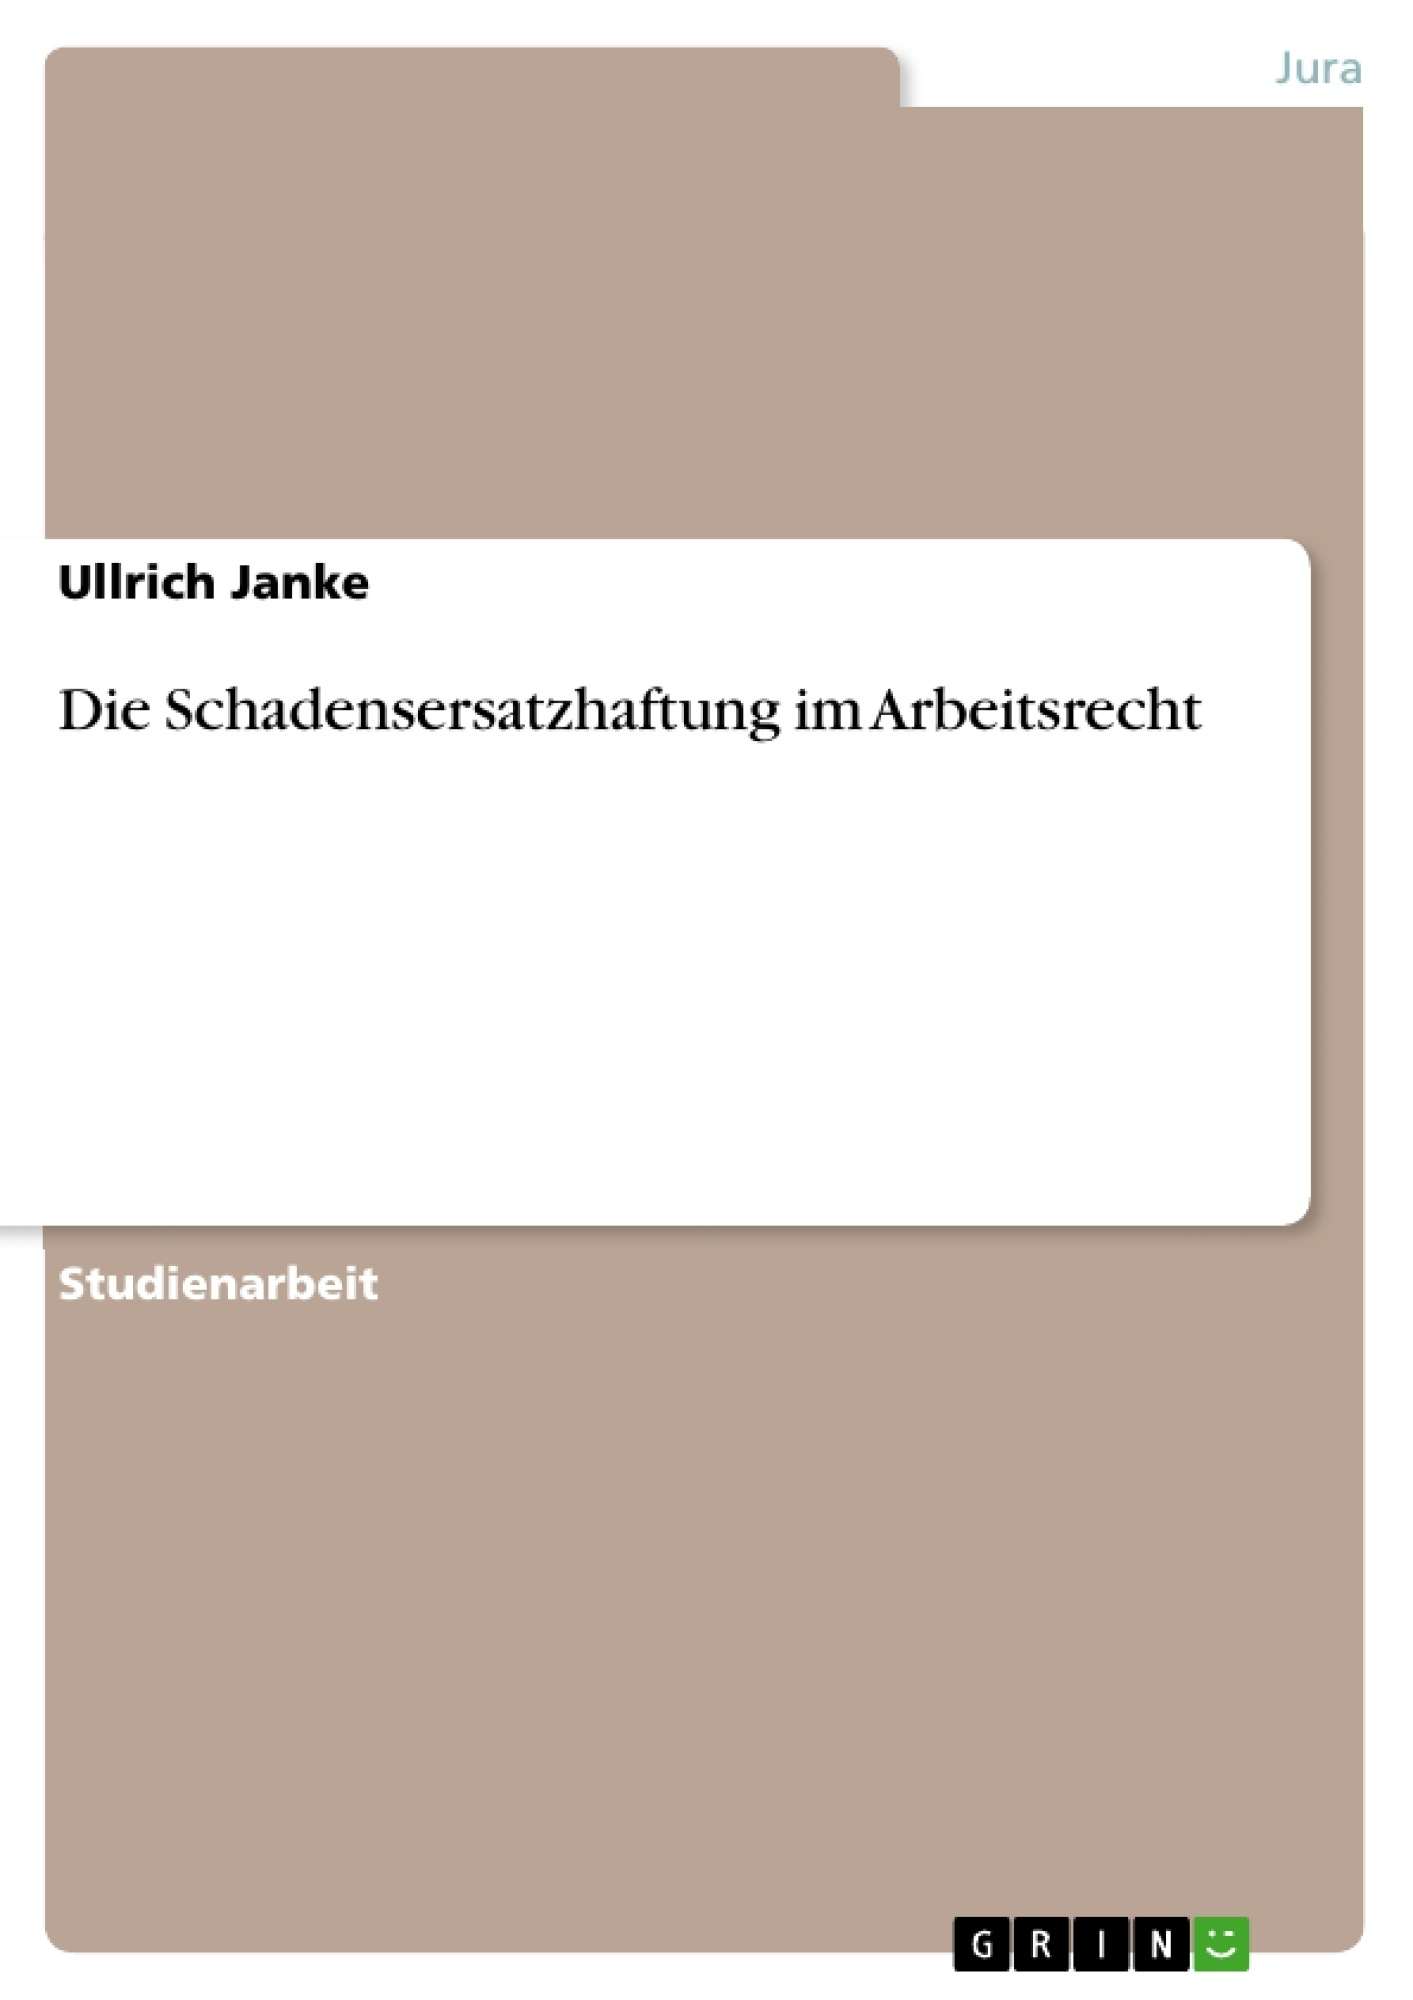 Titel: Die Schadensersatzhaftung im Arbeitsrecht